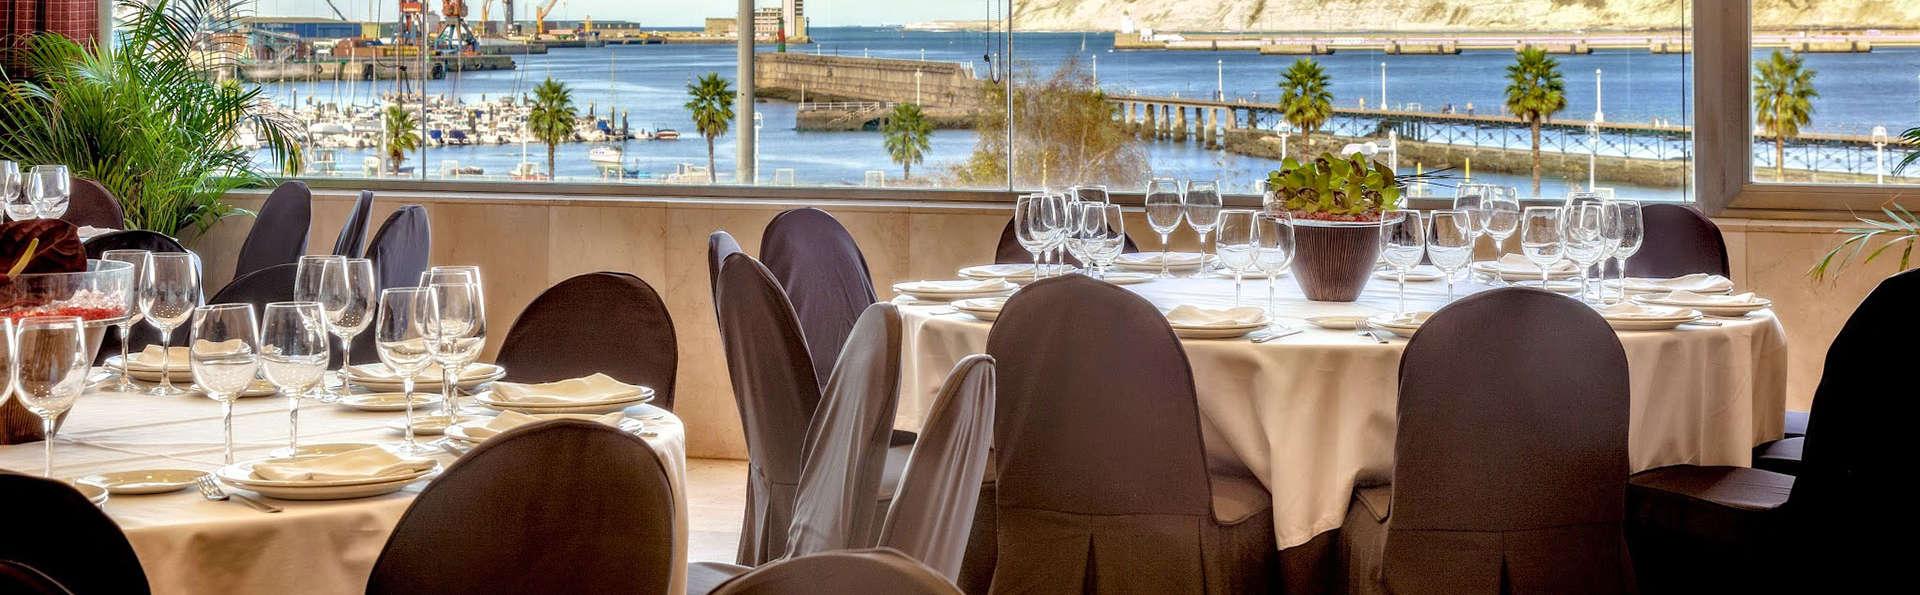 Escapade romantique avec dîner gastronomique dans un hôtel face à la mer